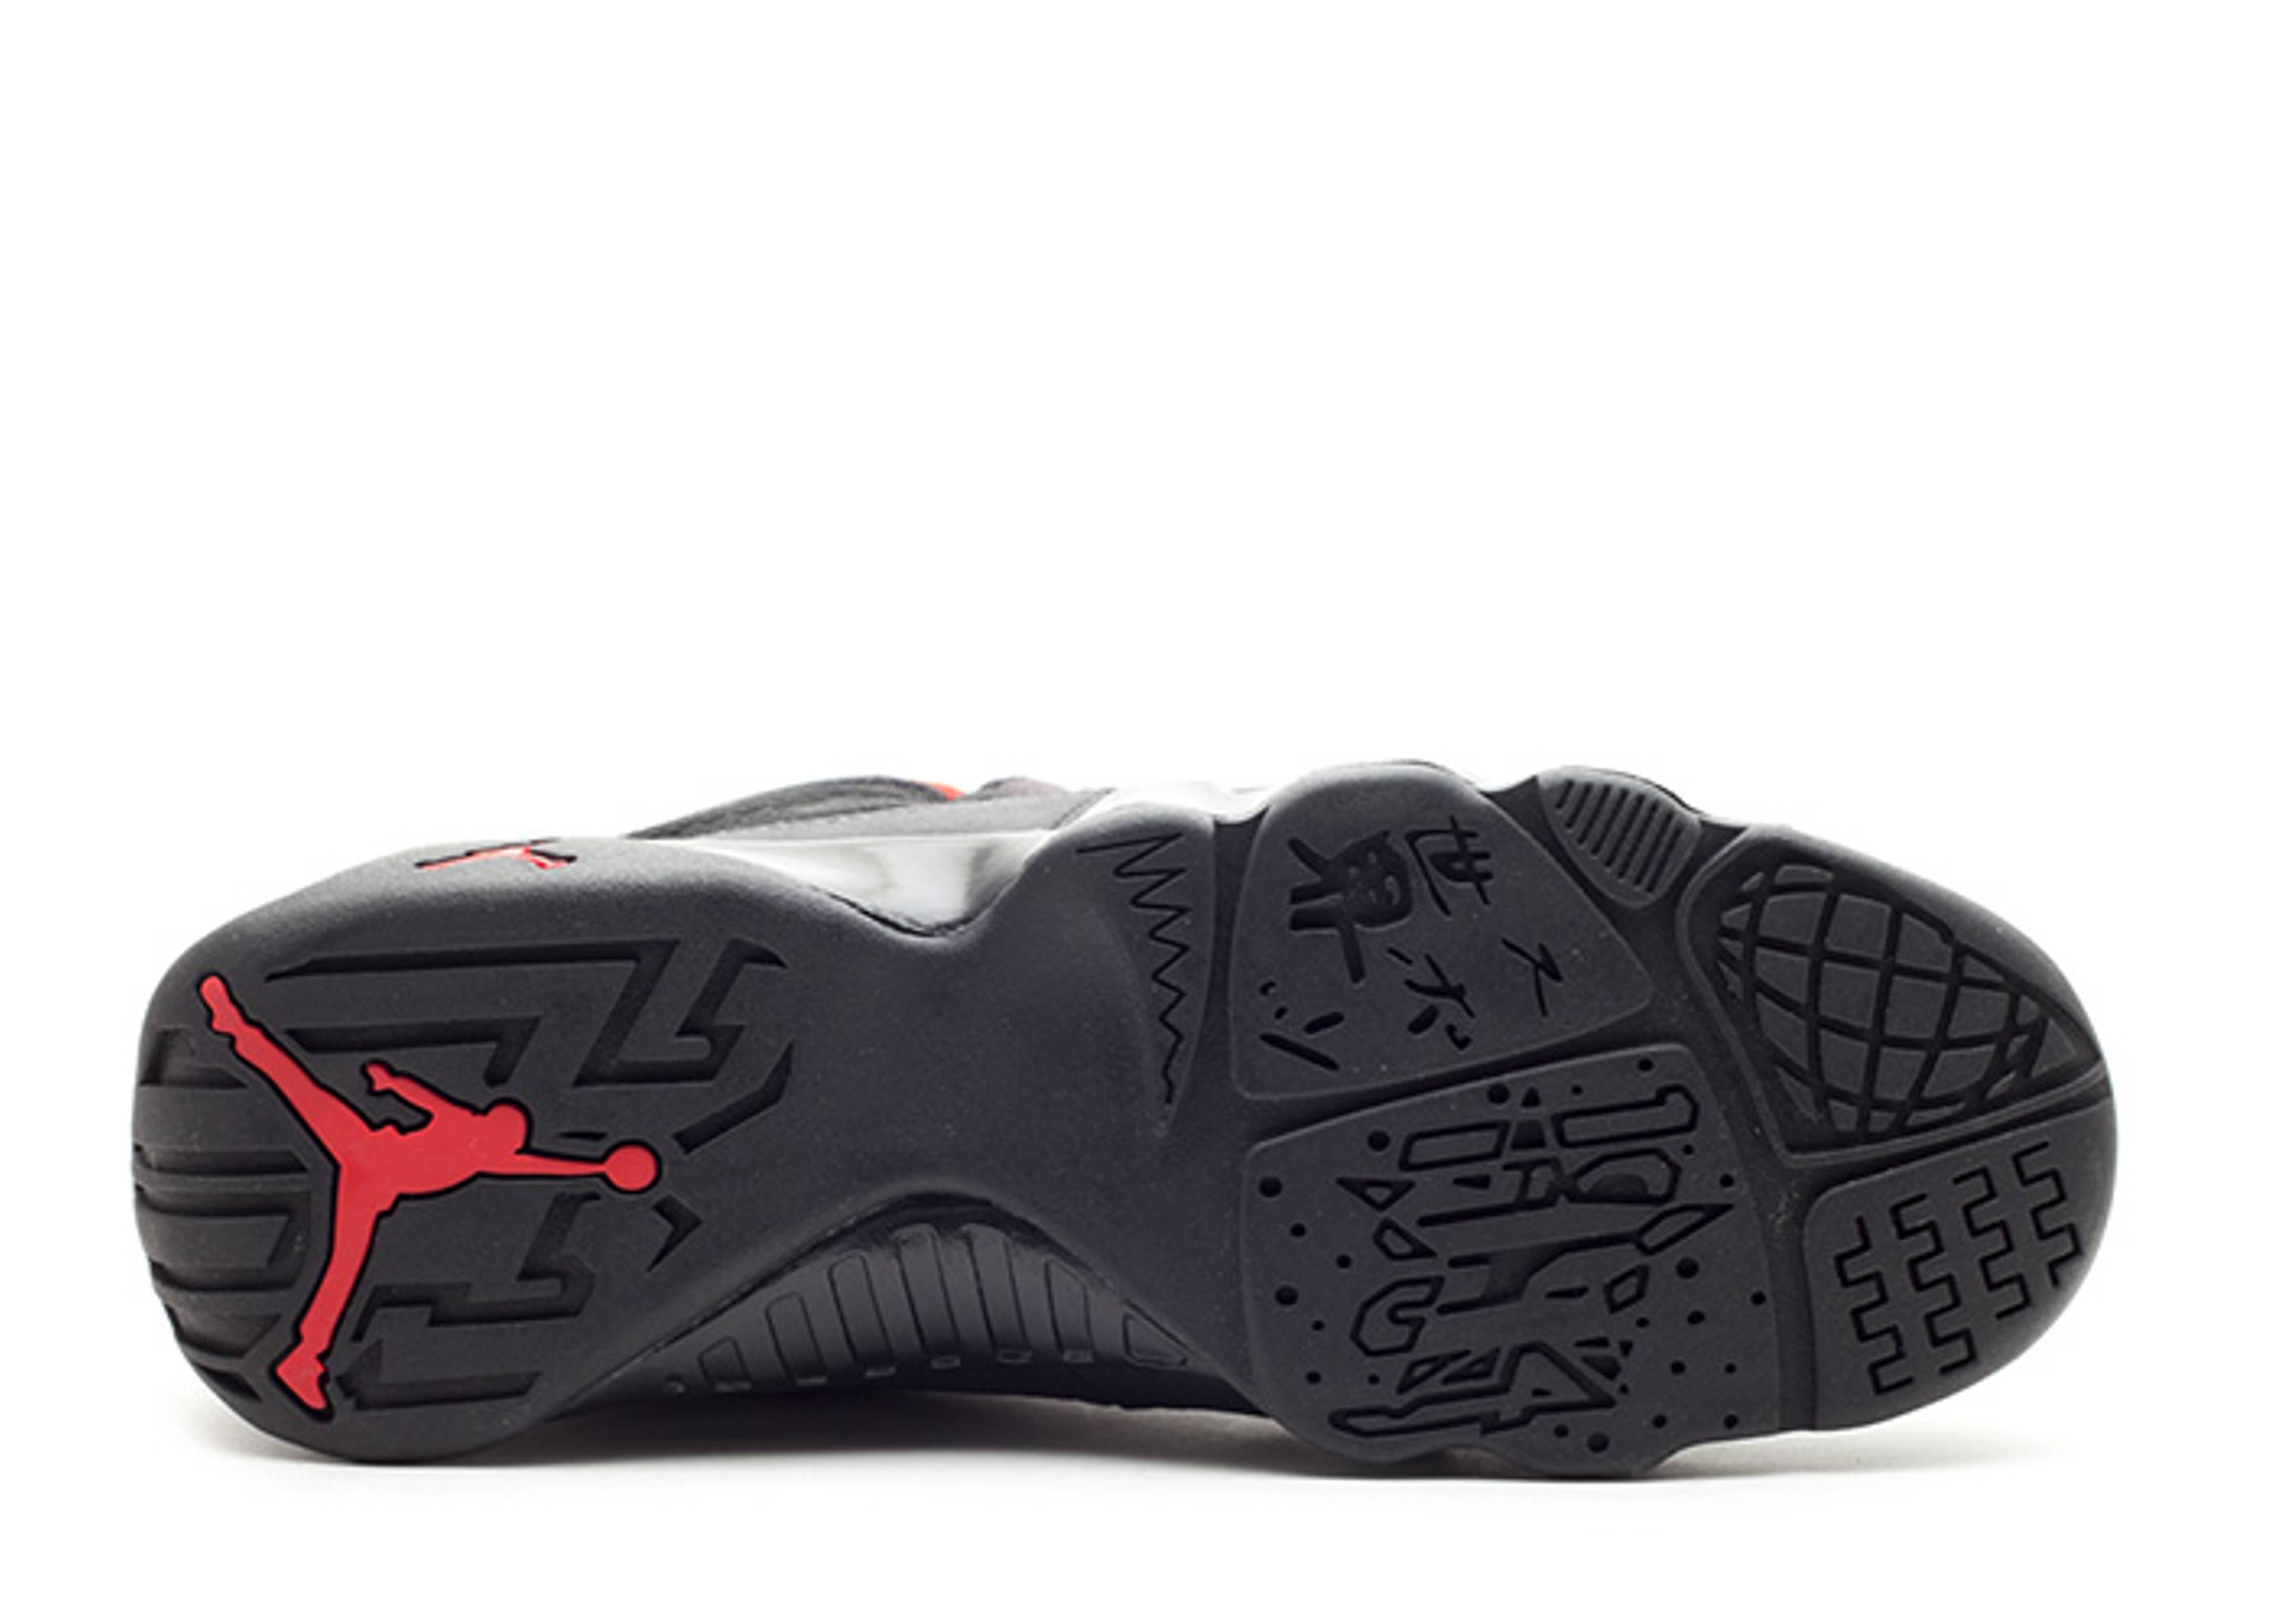 b5de46d66e5 Air Jordan 9 Retro (gs) - Air Jordan - 302359 005 - black/varsity red-drk  charcoal | Flight Club